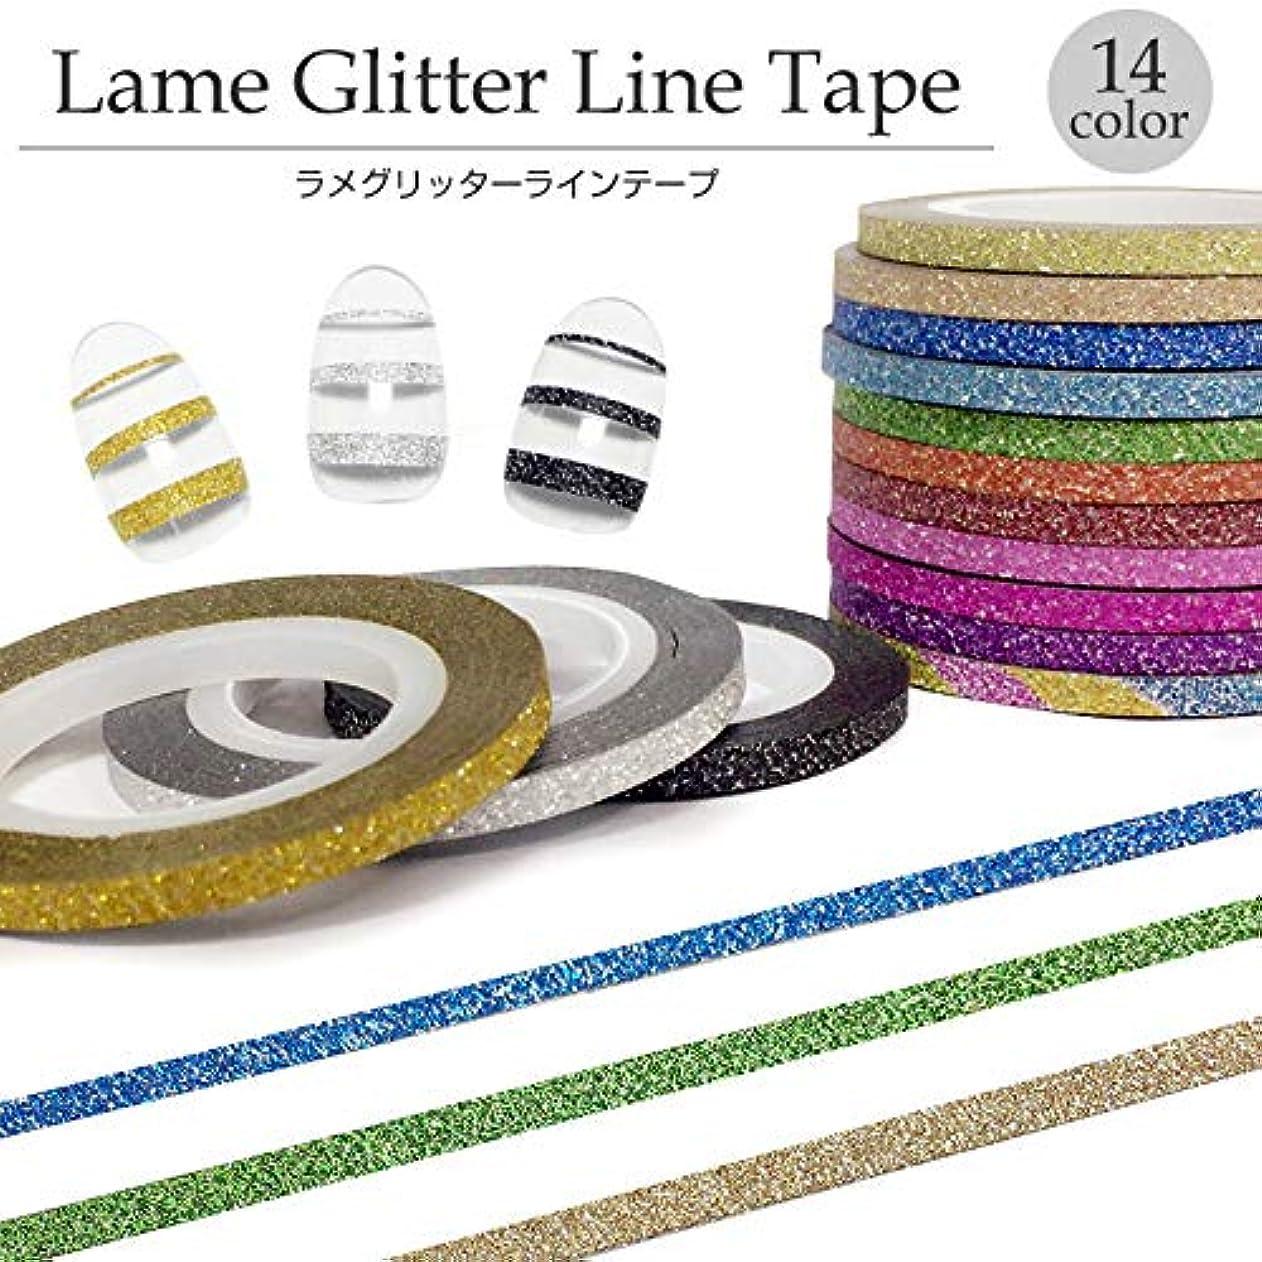 ウェブ息を切らして砂利ラインテープ ラメグリッターラインテープ (2mm, 2.シルバーF)